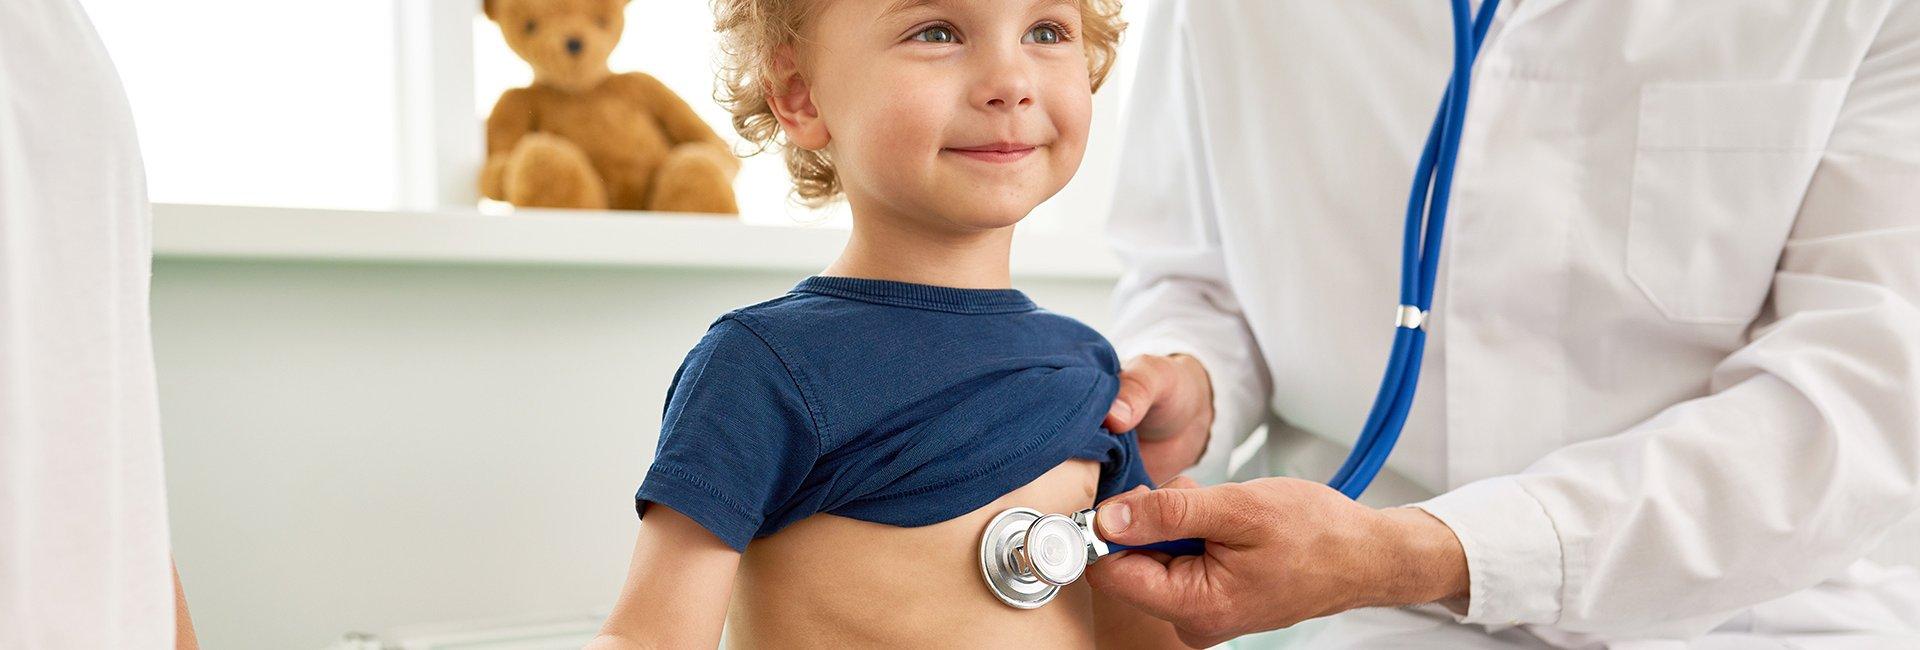 Wann muss ich mit meinem Kind zum Arzt?